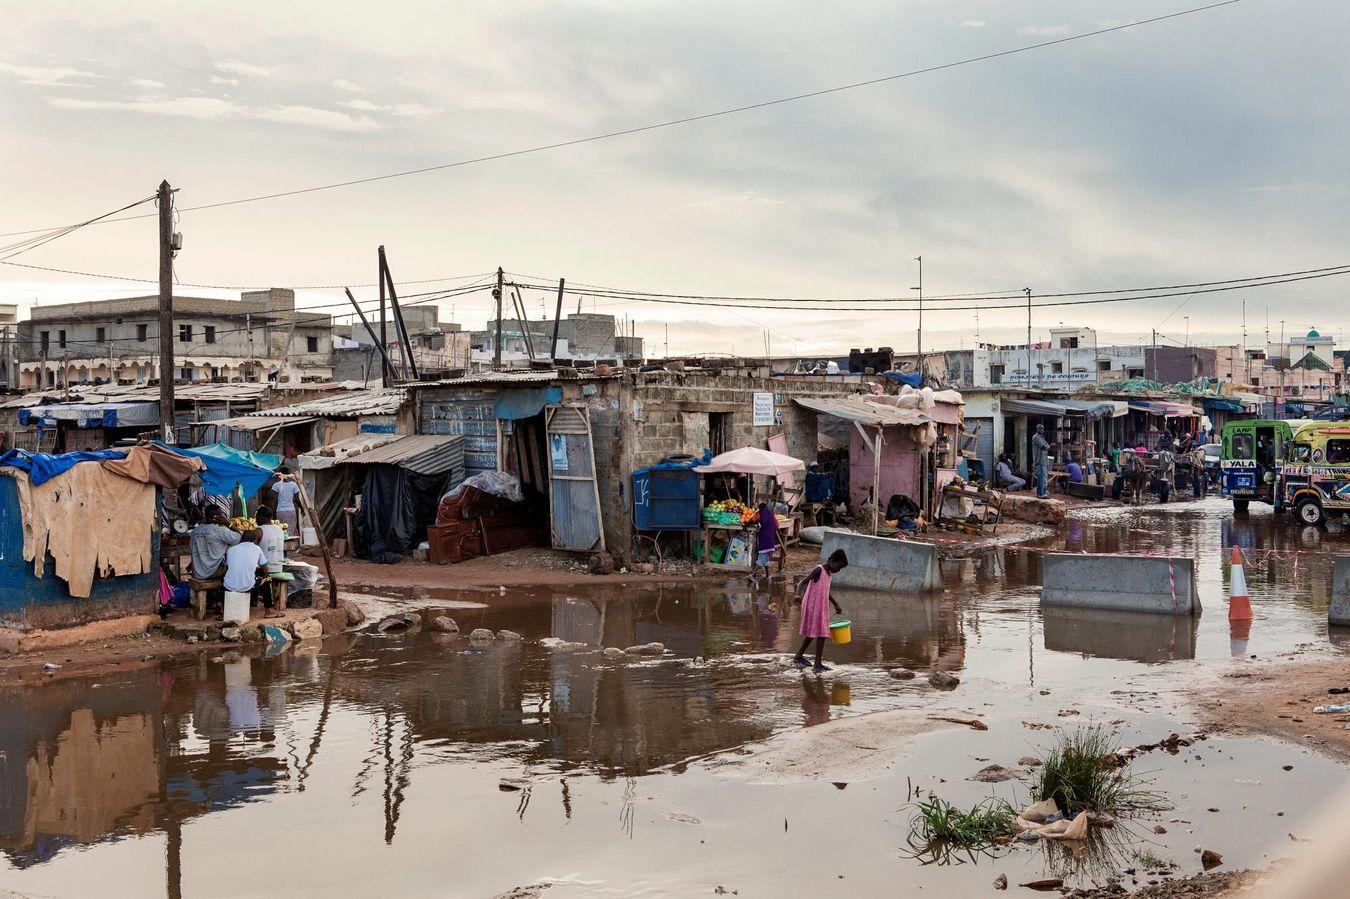 Sur les 13 millions d'habitants que compte le Sénégal, 43% vivent en périphérie de Dakar, où les maisons sont souvent construites sans autorisation.